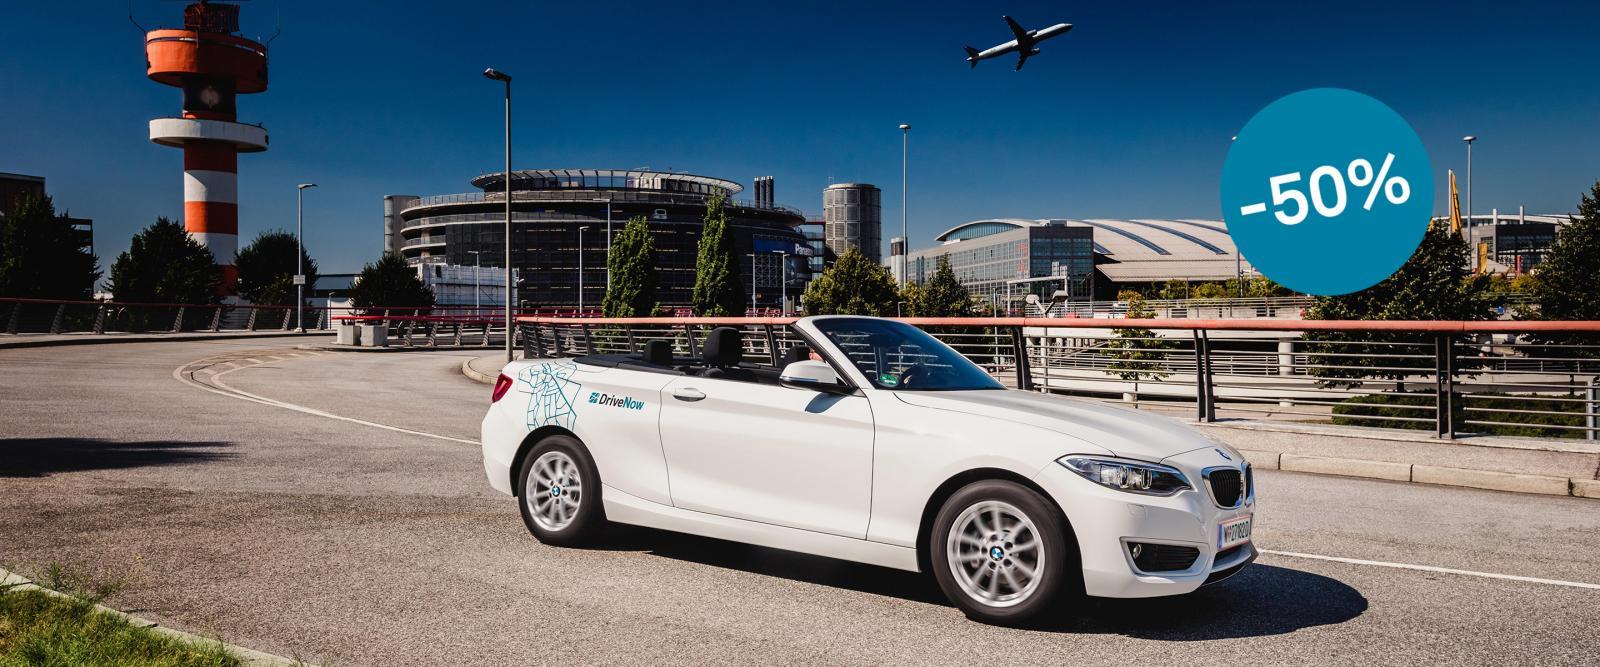 drivenow-carsharing-wien-flughafen-sommer-special-wien